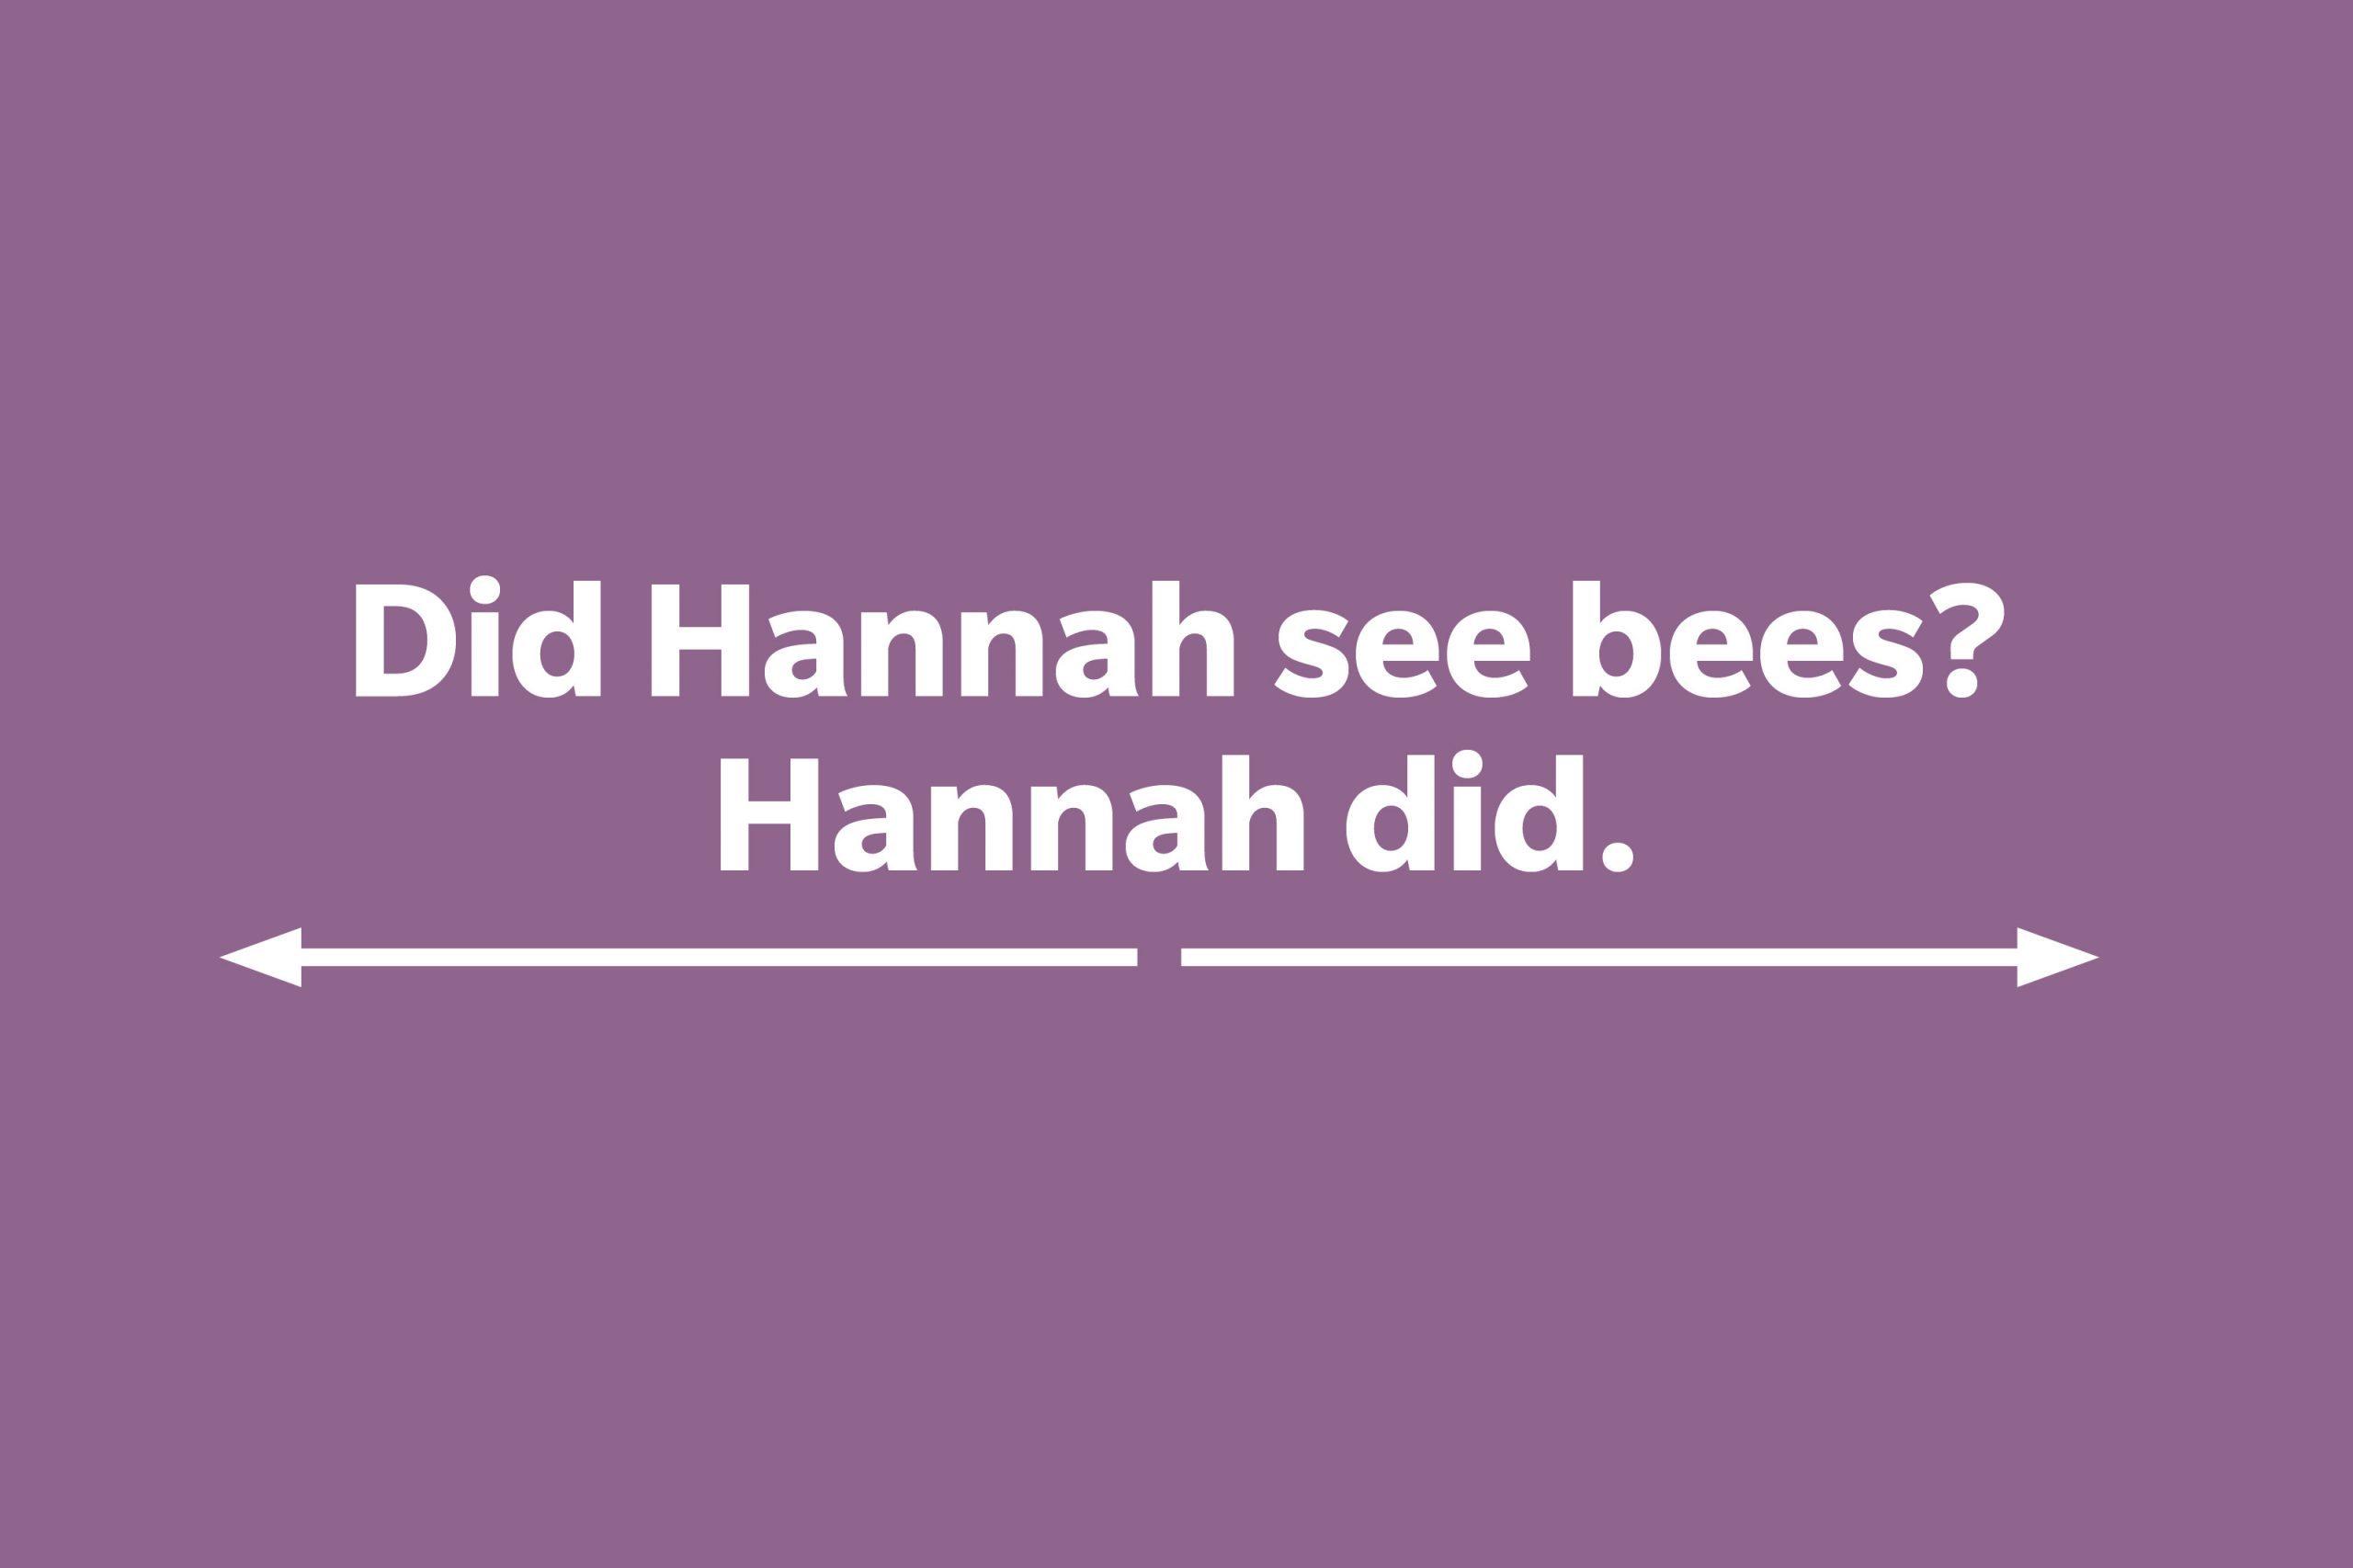 Did Hannah see bees? Hannah did.